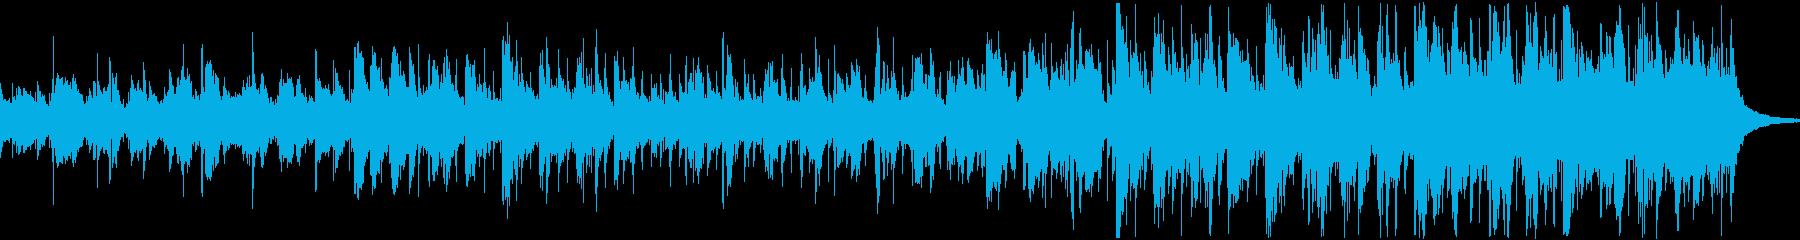 クールなインディーフォークアコース...の再生済みの波形